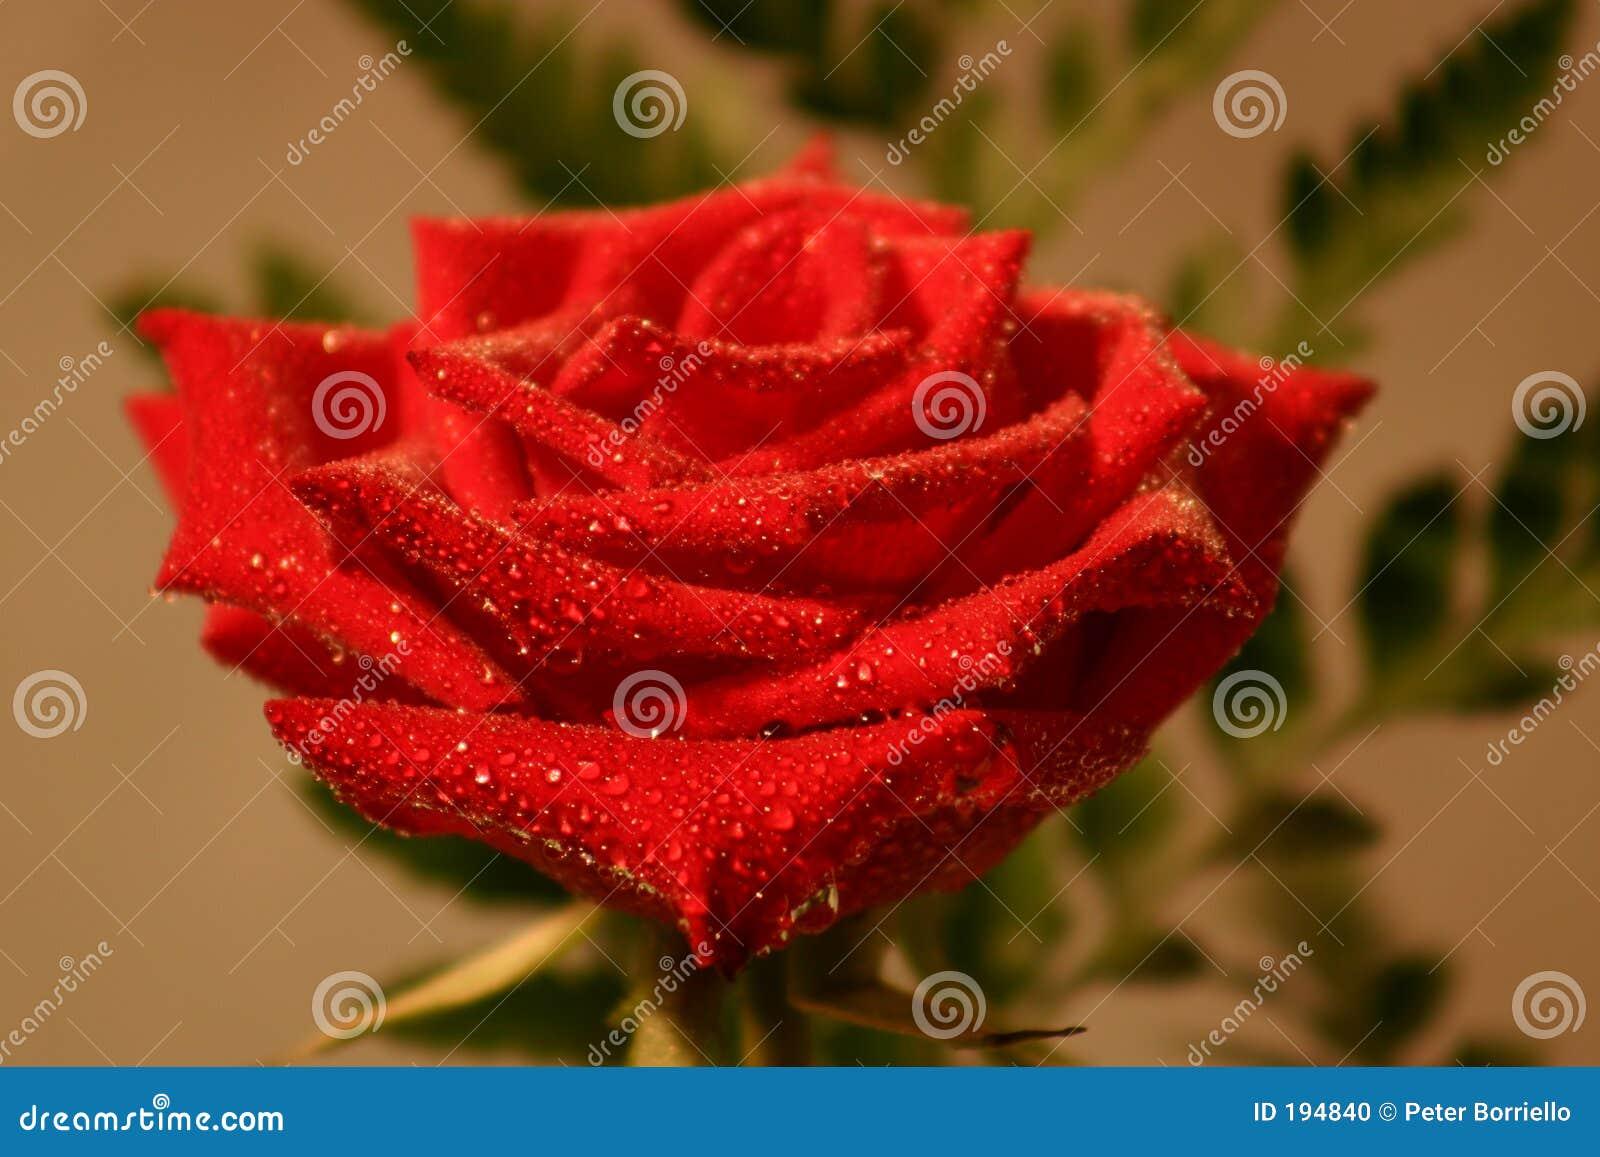 Droplet Rose